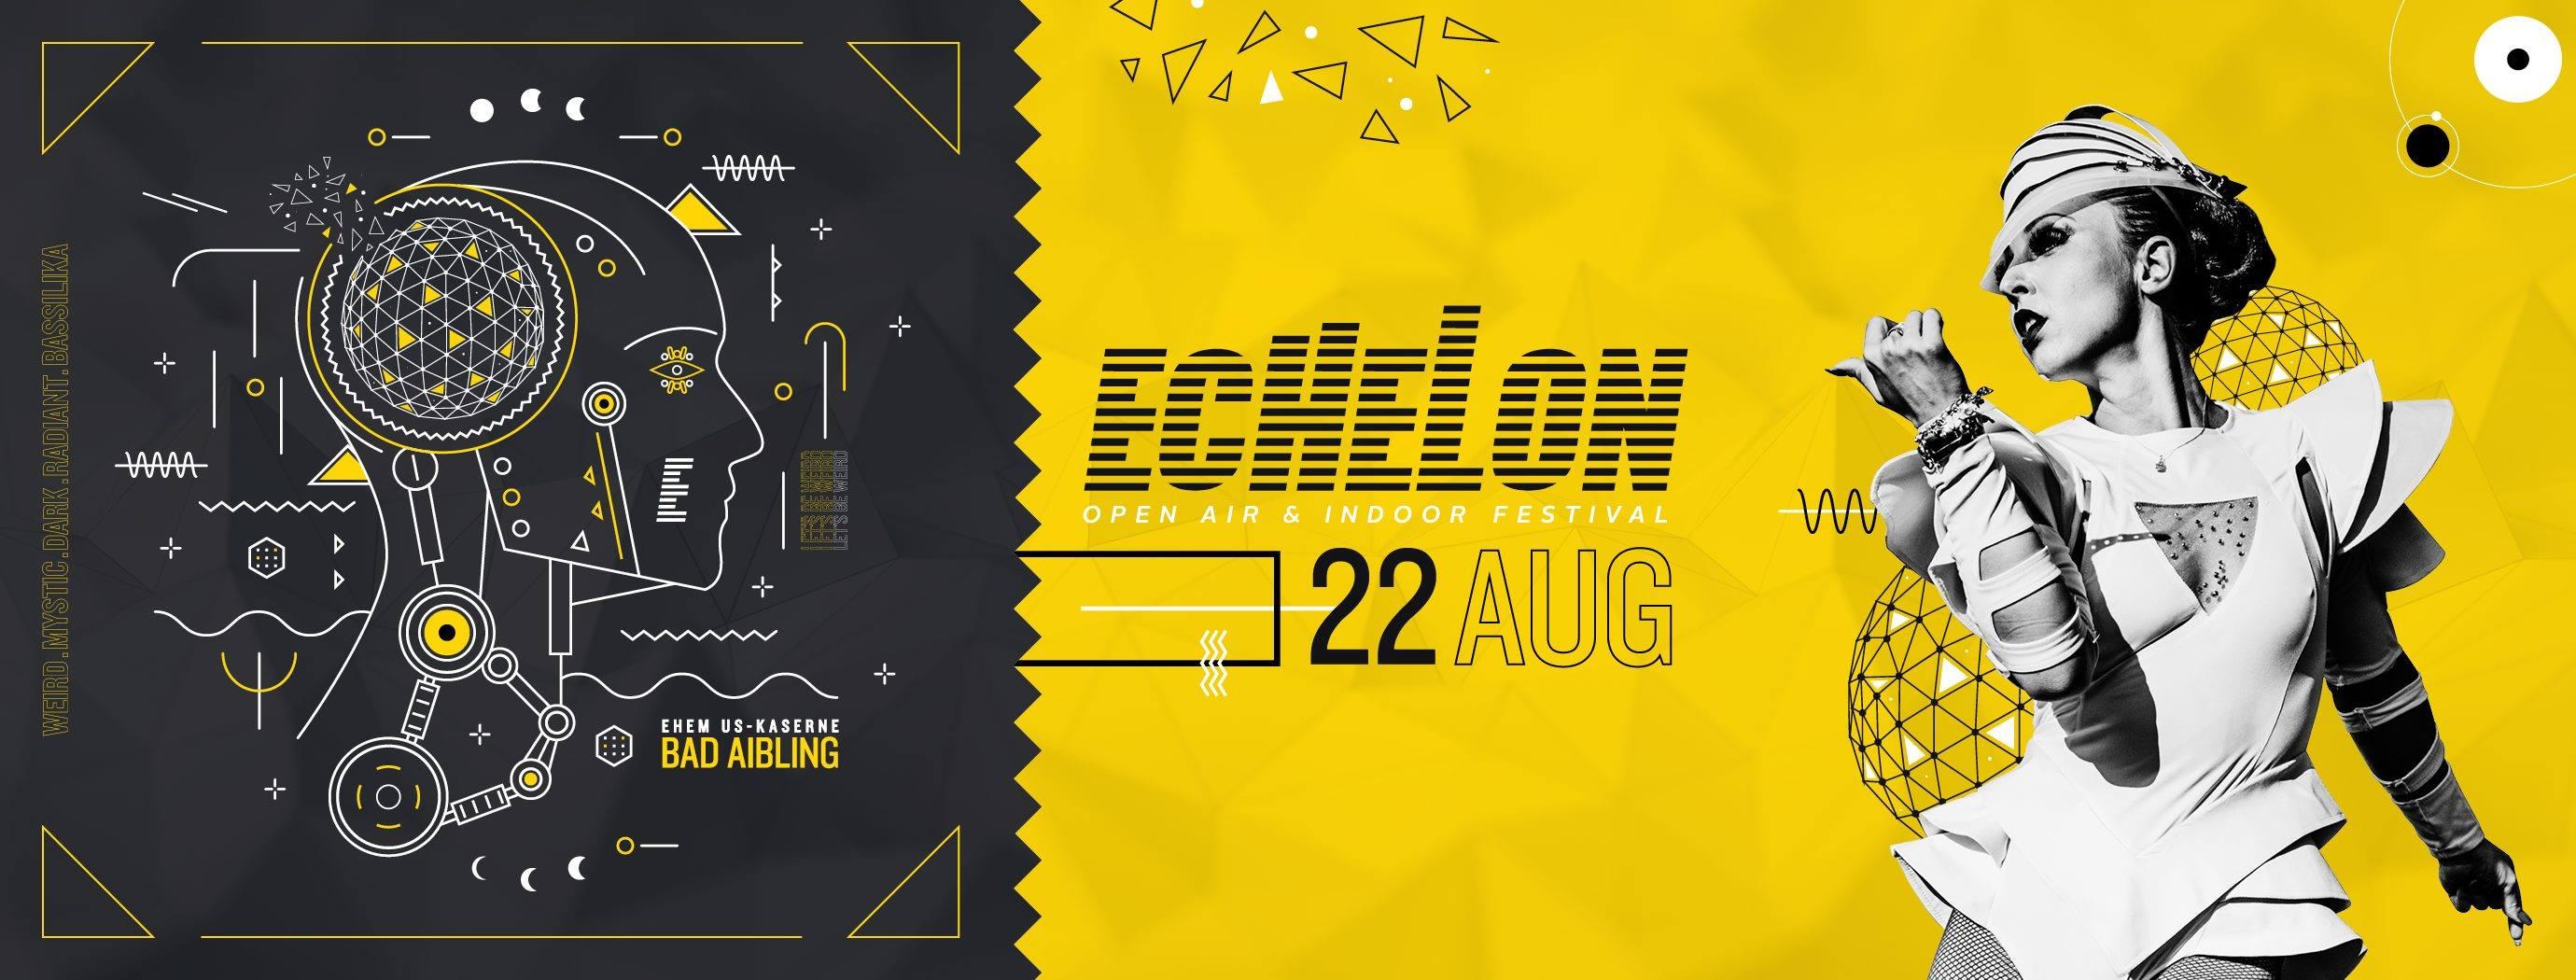 Echelon Festival